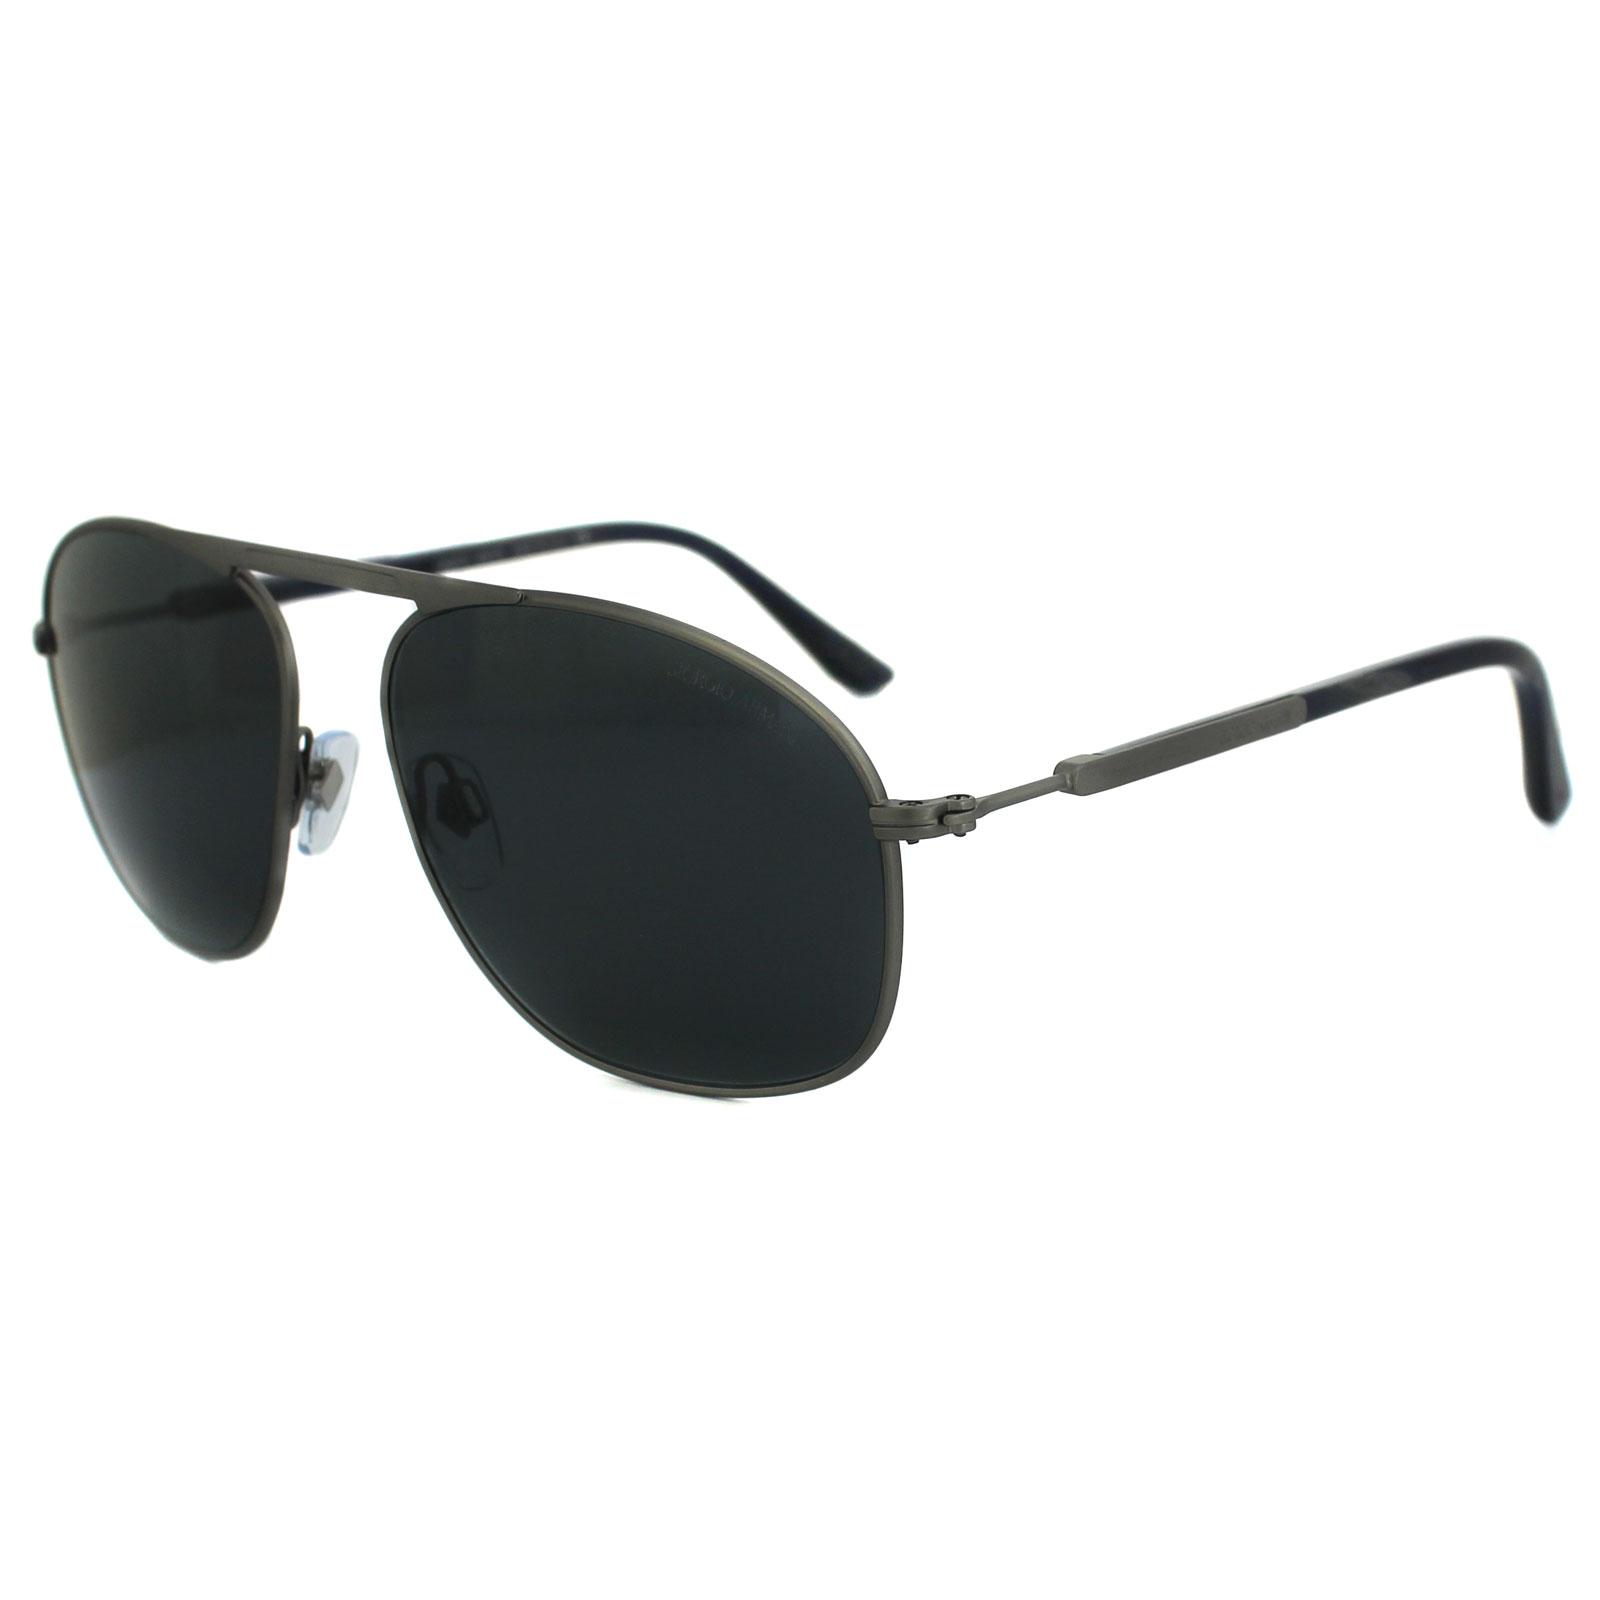 a957433fb275c4 Cheap Giorgio Armani AR6015 Sunglasses - Discounted Sunglasses